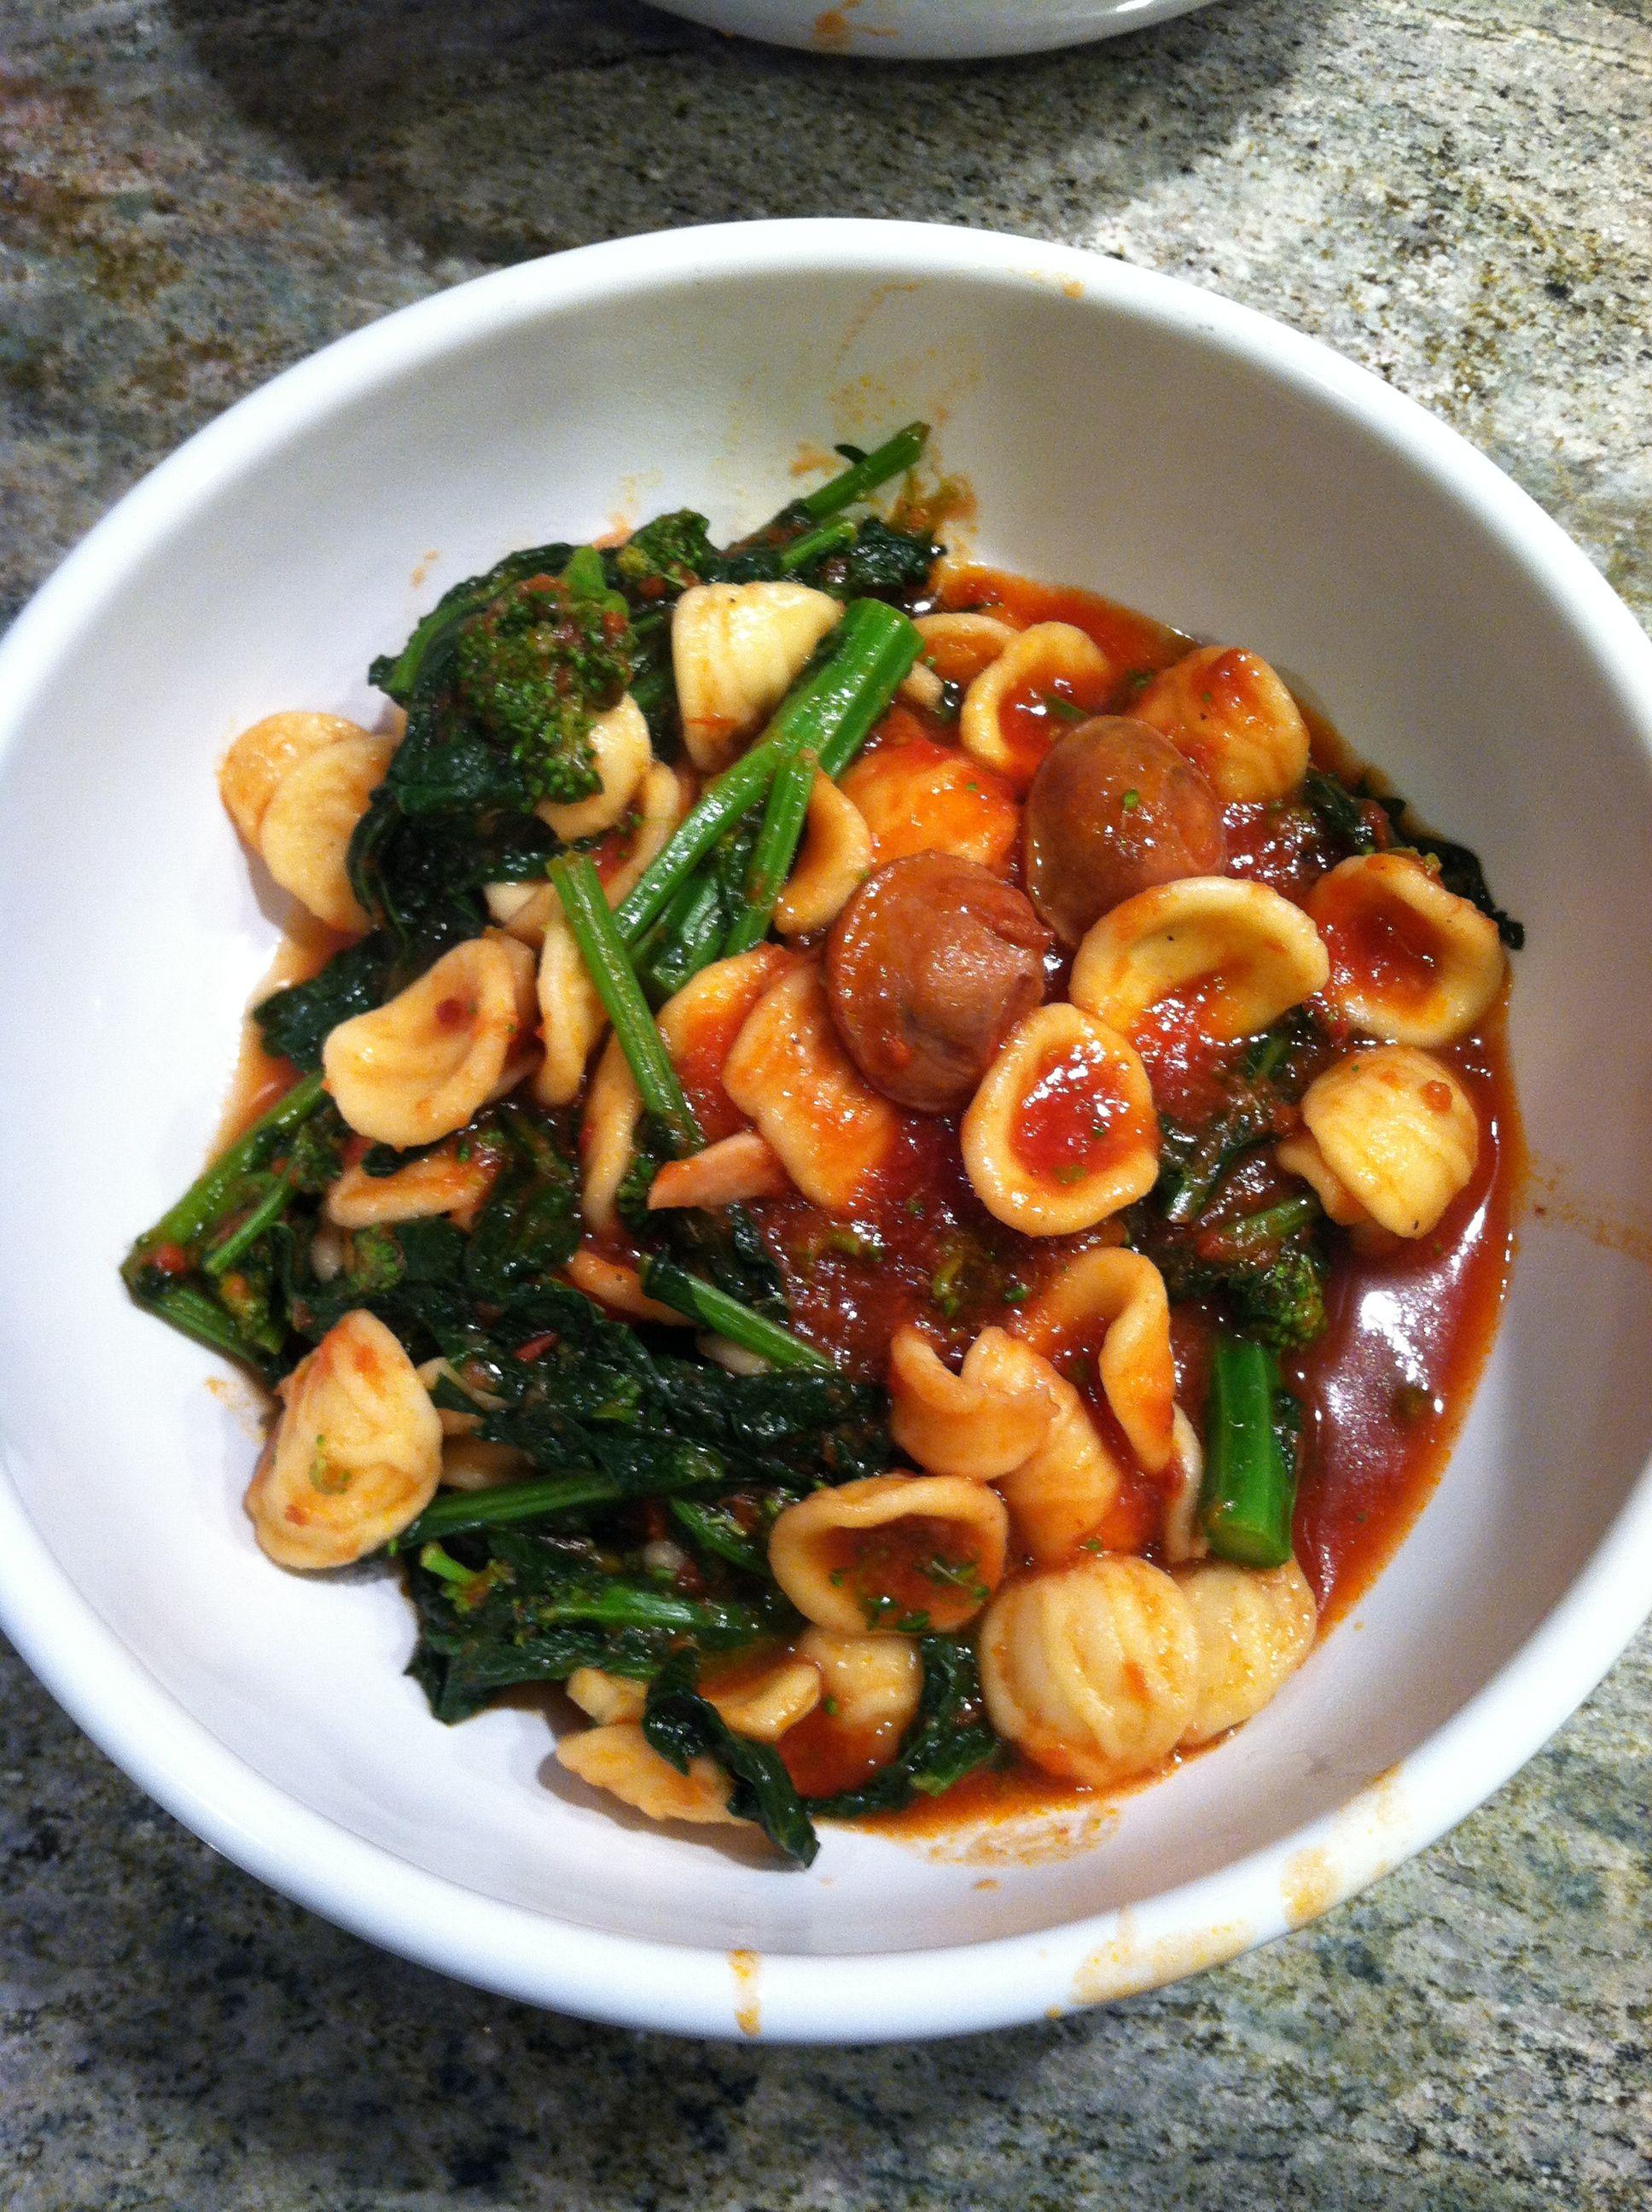 Ina Garten Broccoli ina garten's recipe for sausage, broccoli rabe, and orecchiette in